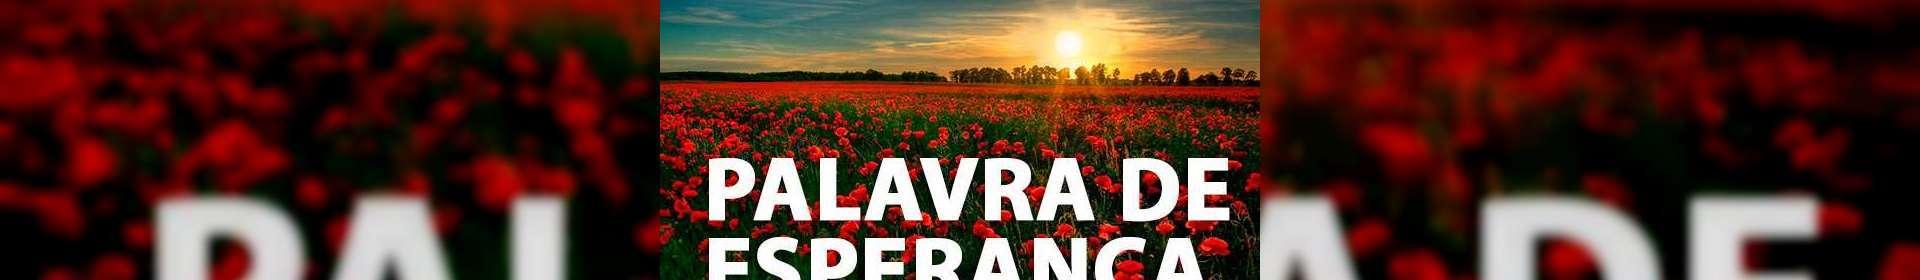 Isaías 30:21 - Uma Palavra de Esperança para sua vida